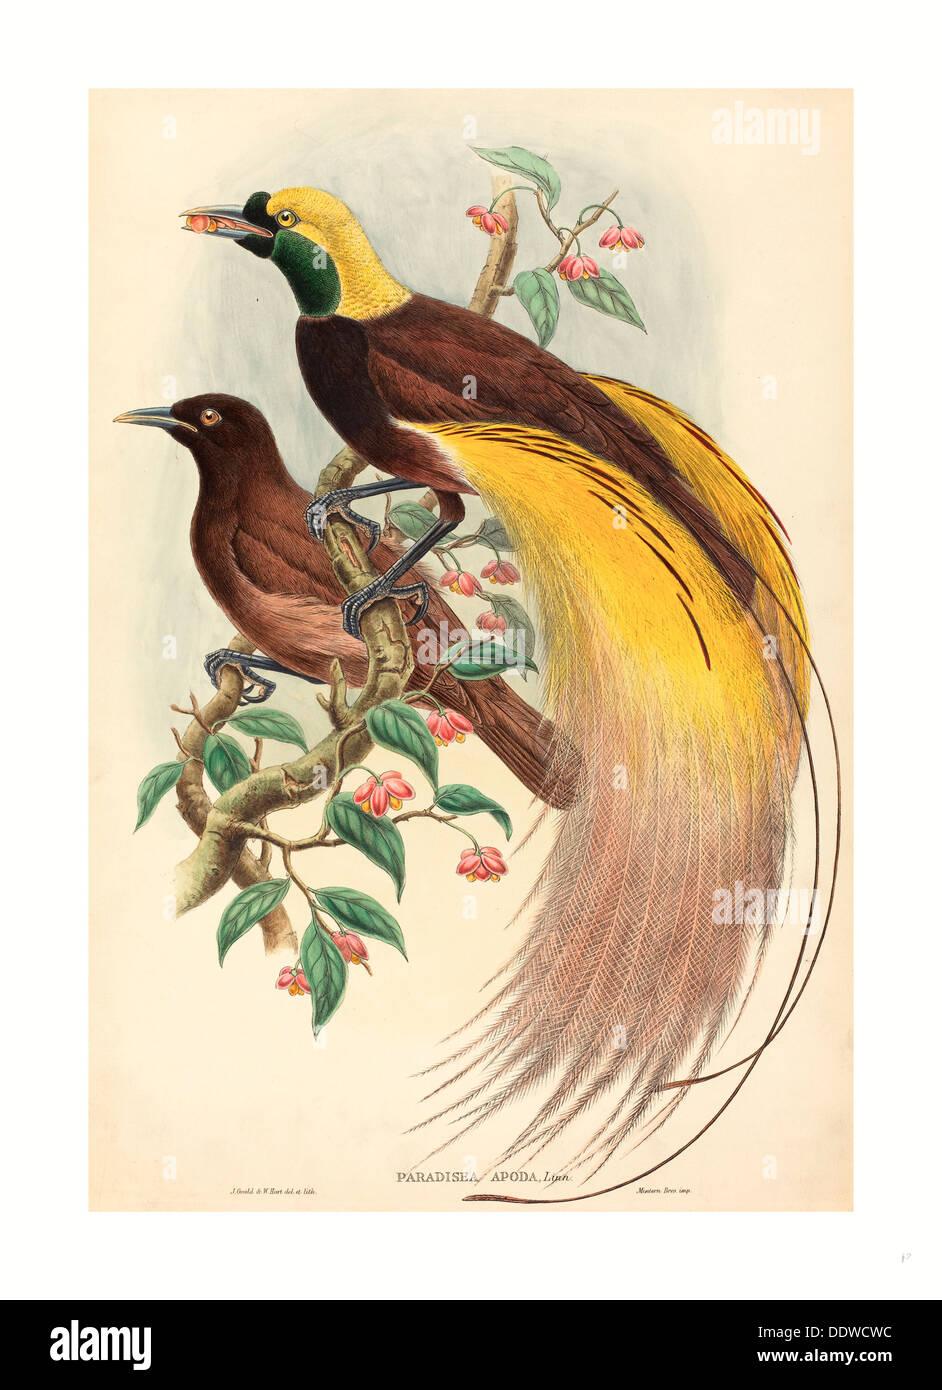 John Gould y W. Hart (británico, 1804 - 1881 ), Ave del Paraíso (Paradisea apoda), publicado en 1875, 1888, Coloreado Foto de stock